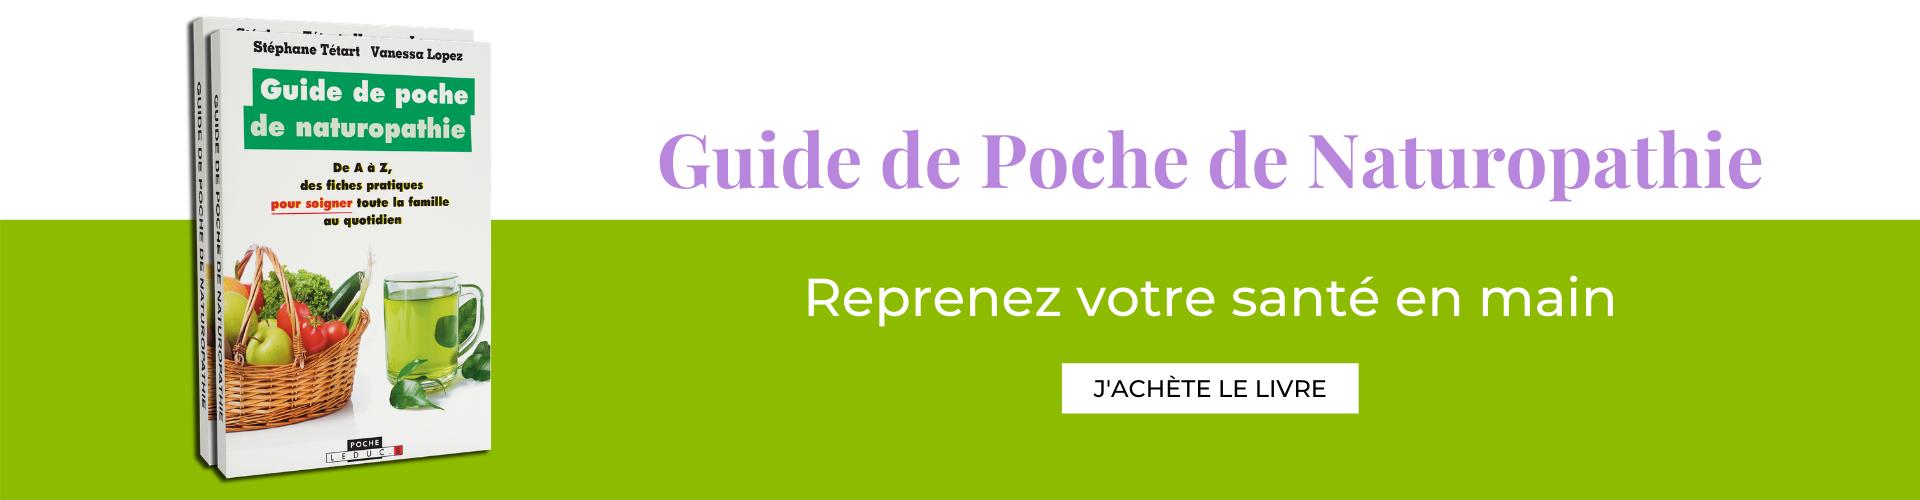 Banniere livre Guide de poche de la naturopathie